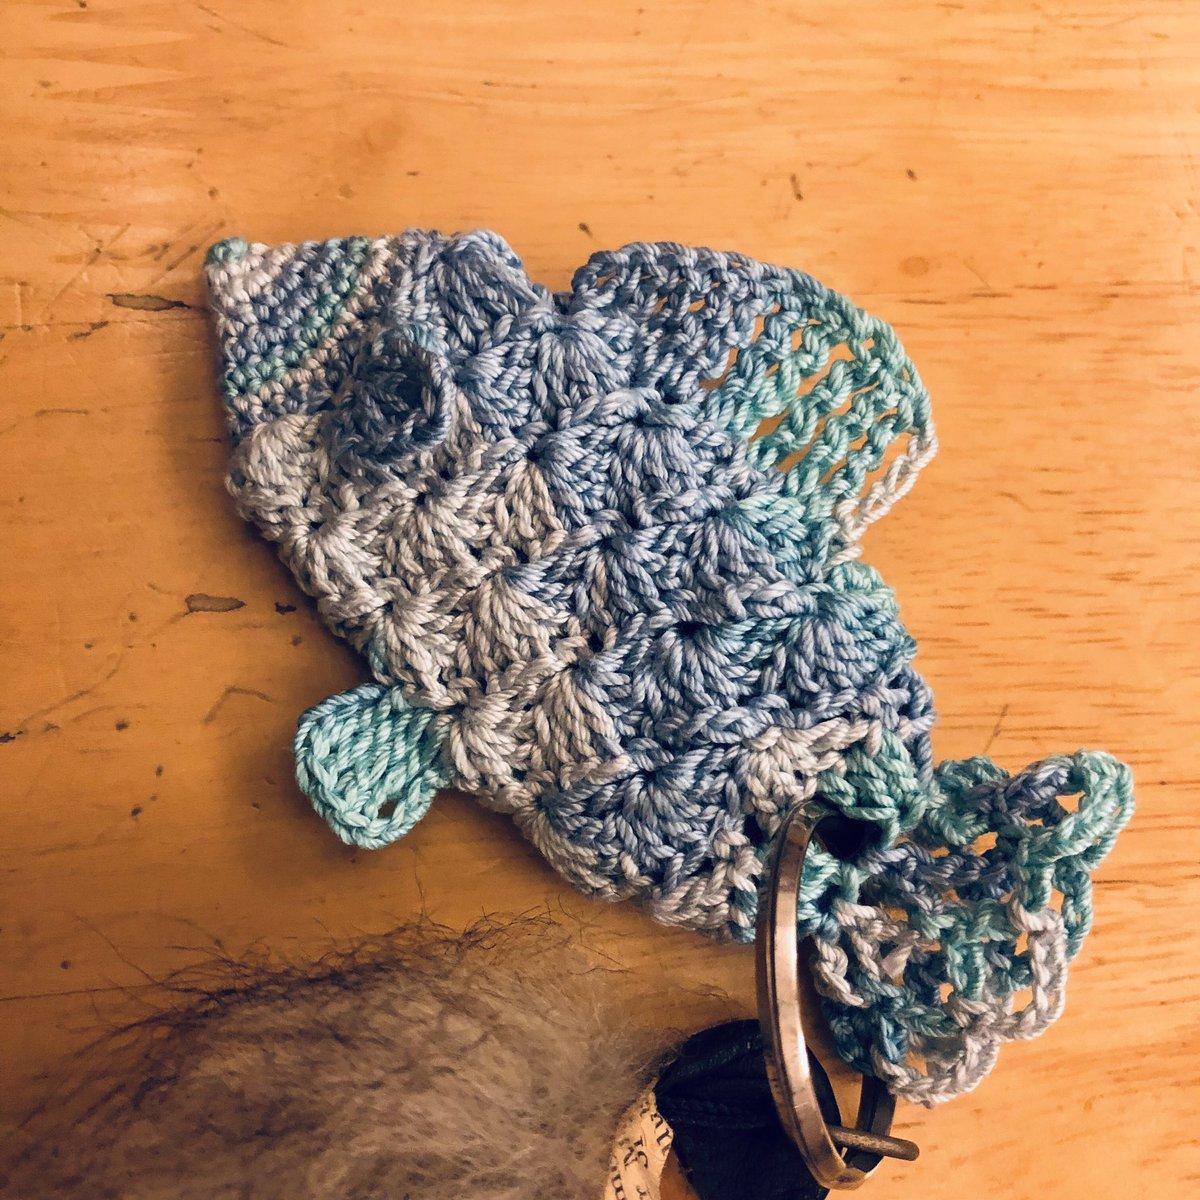 test ツイッターメディア - #DAISO #ダイソー #編み物 #カギ針編み #魚  レースヤーンミックス アクアでお魚モチーフのキーチャーム 行き当たりばったりのオリジナルです🐟 https://t.co/rhP3h4Qn4Y